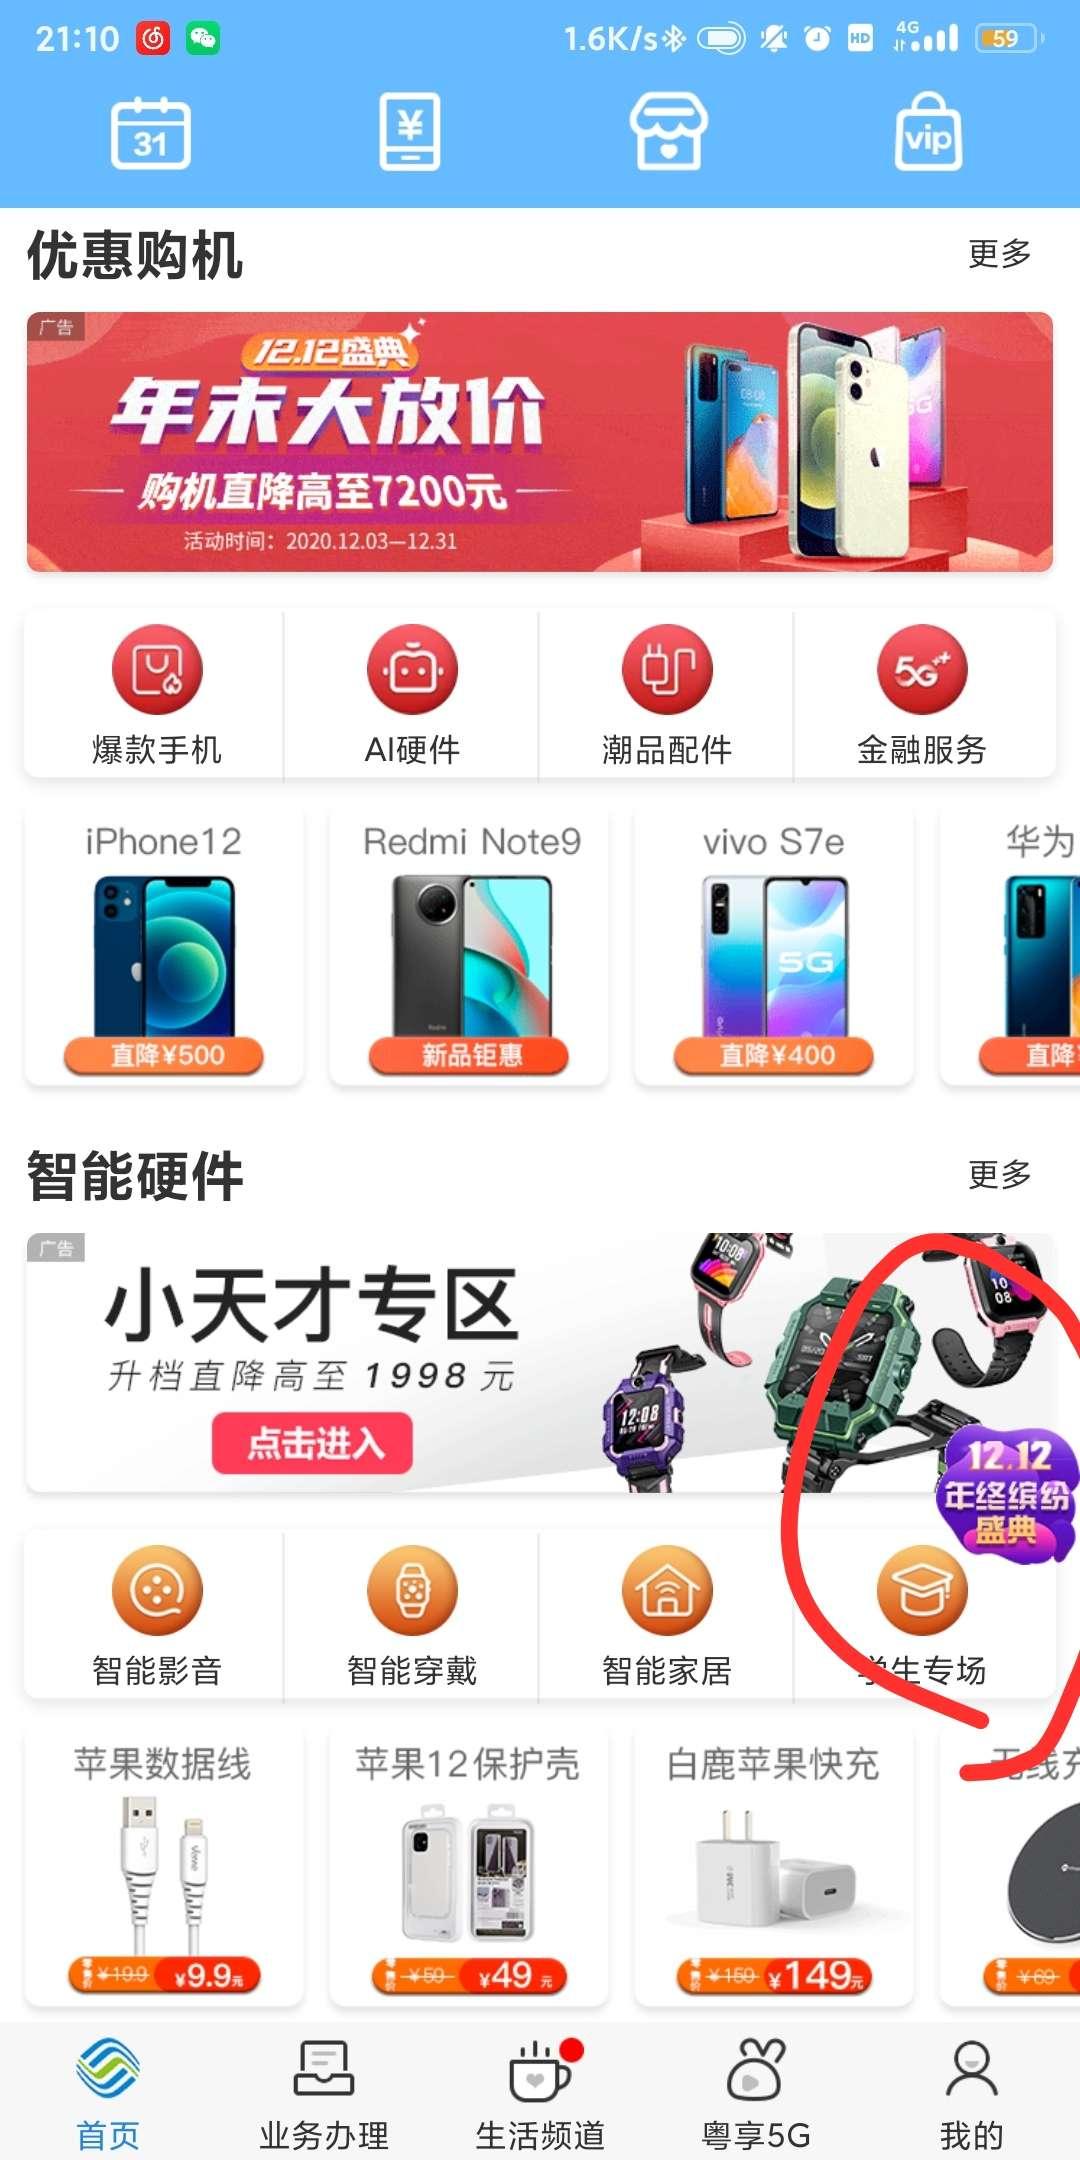 【话费流量】广东福利-聚合资源网